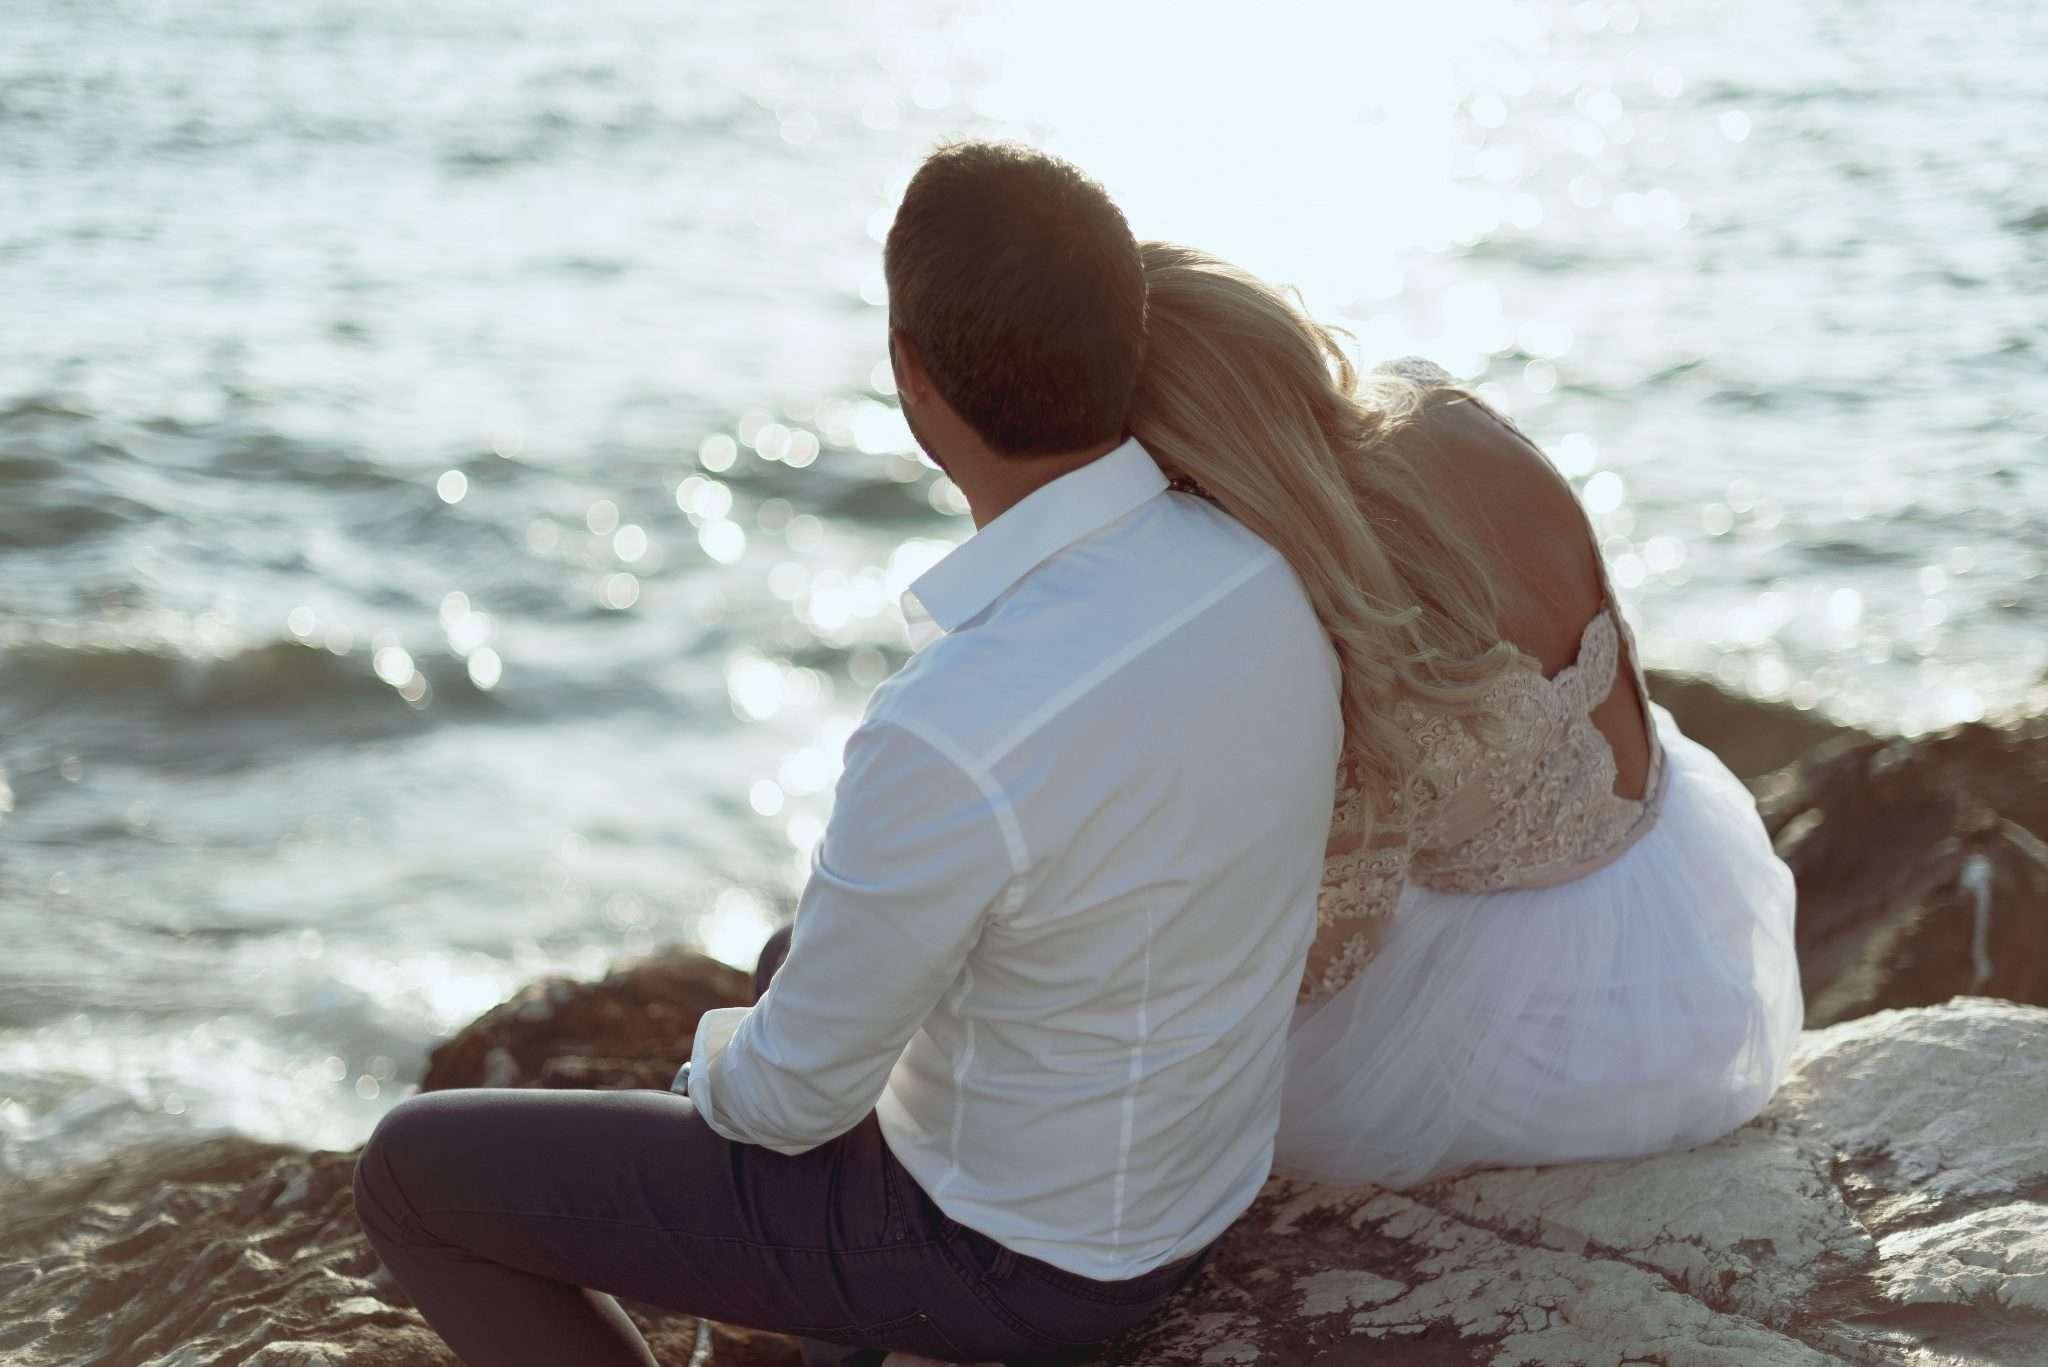 Fotografia sposi al mare - wedding reportage realizzata da Barbara Trincone fotografa con studio a Pozzuoli - Napoli